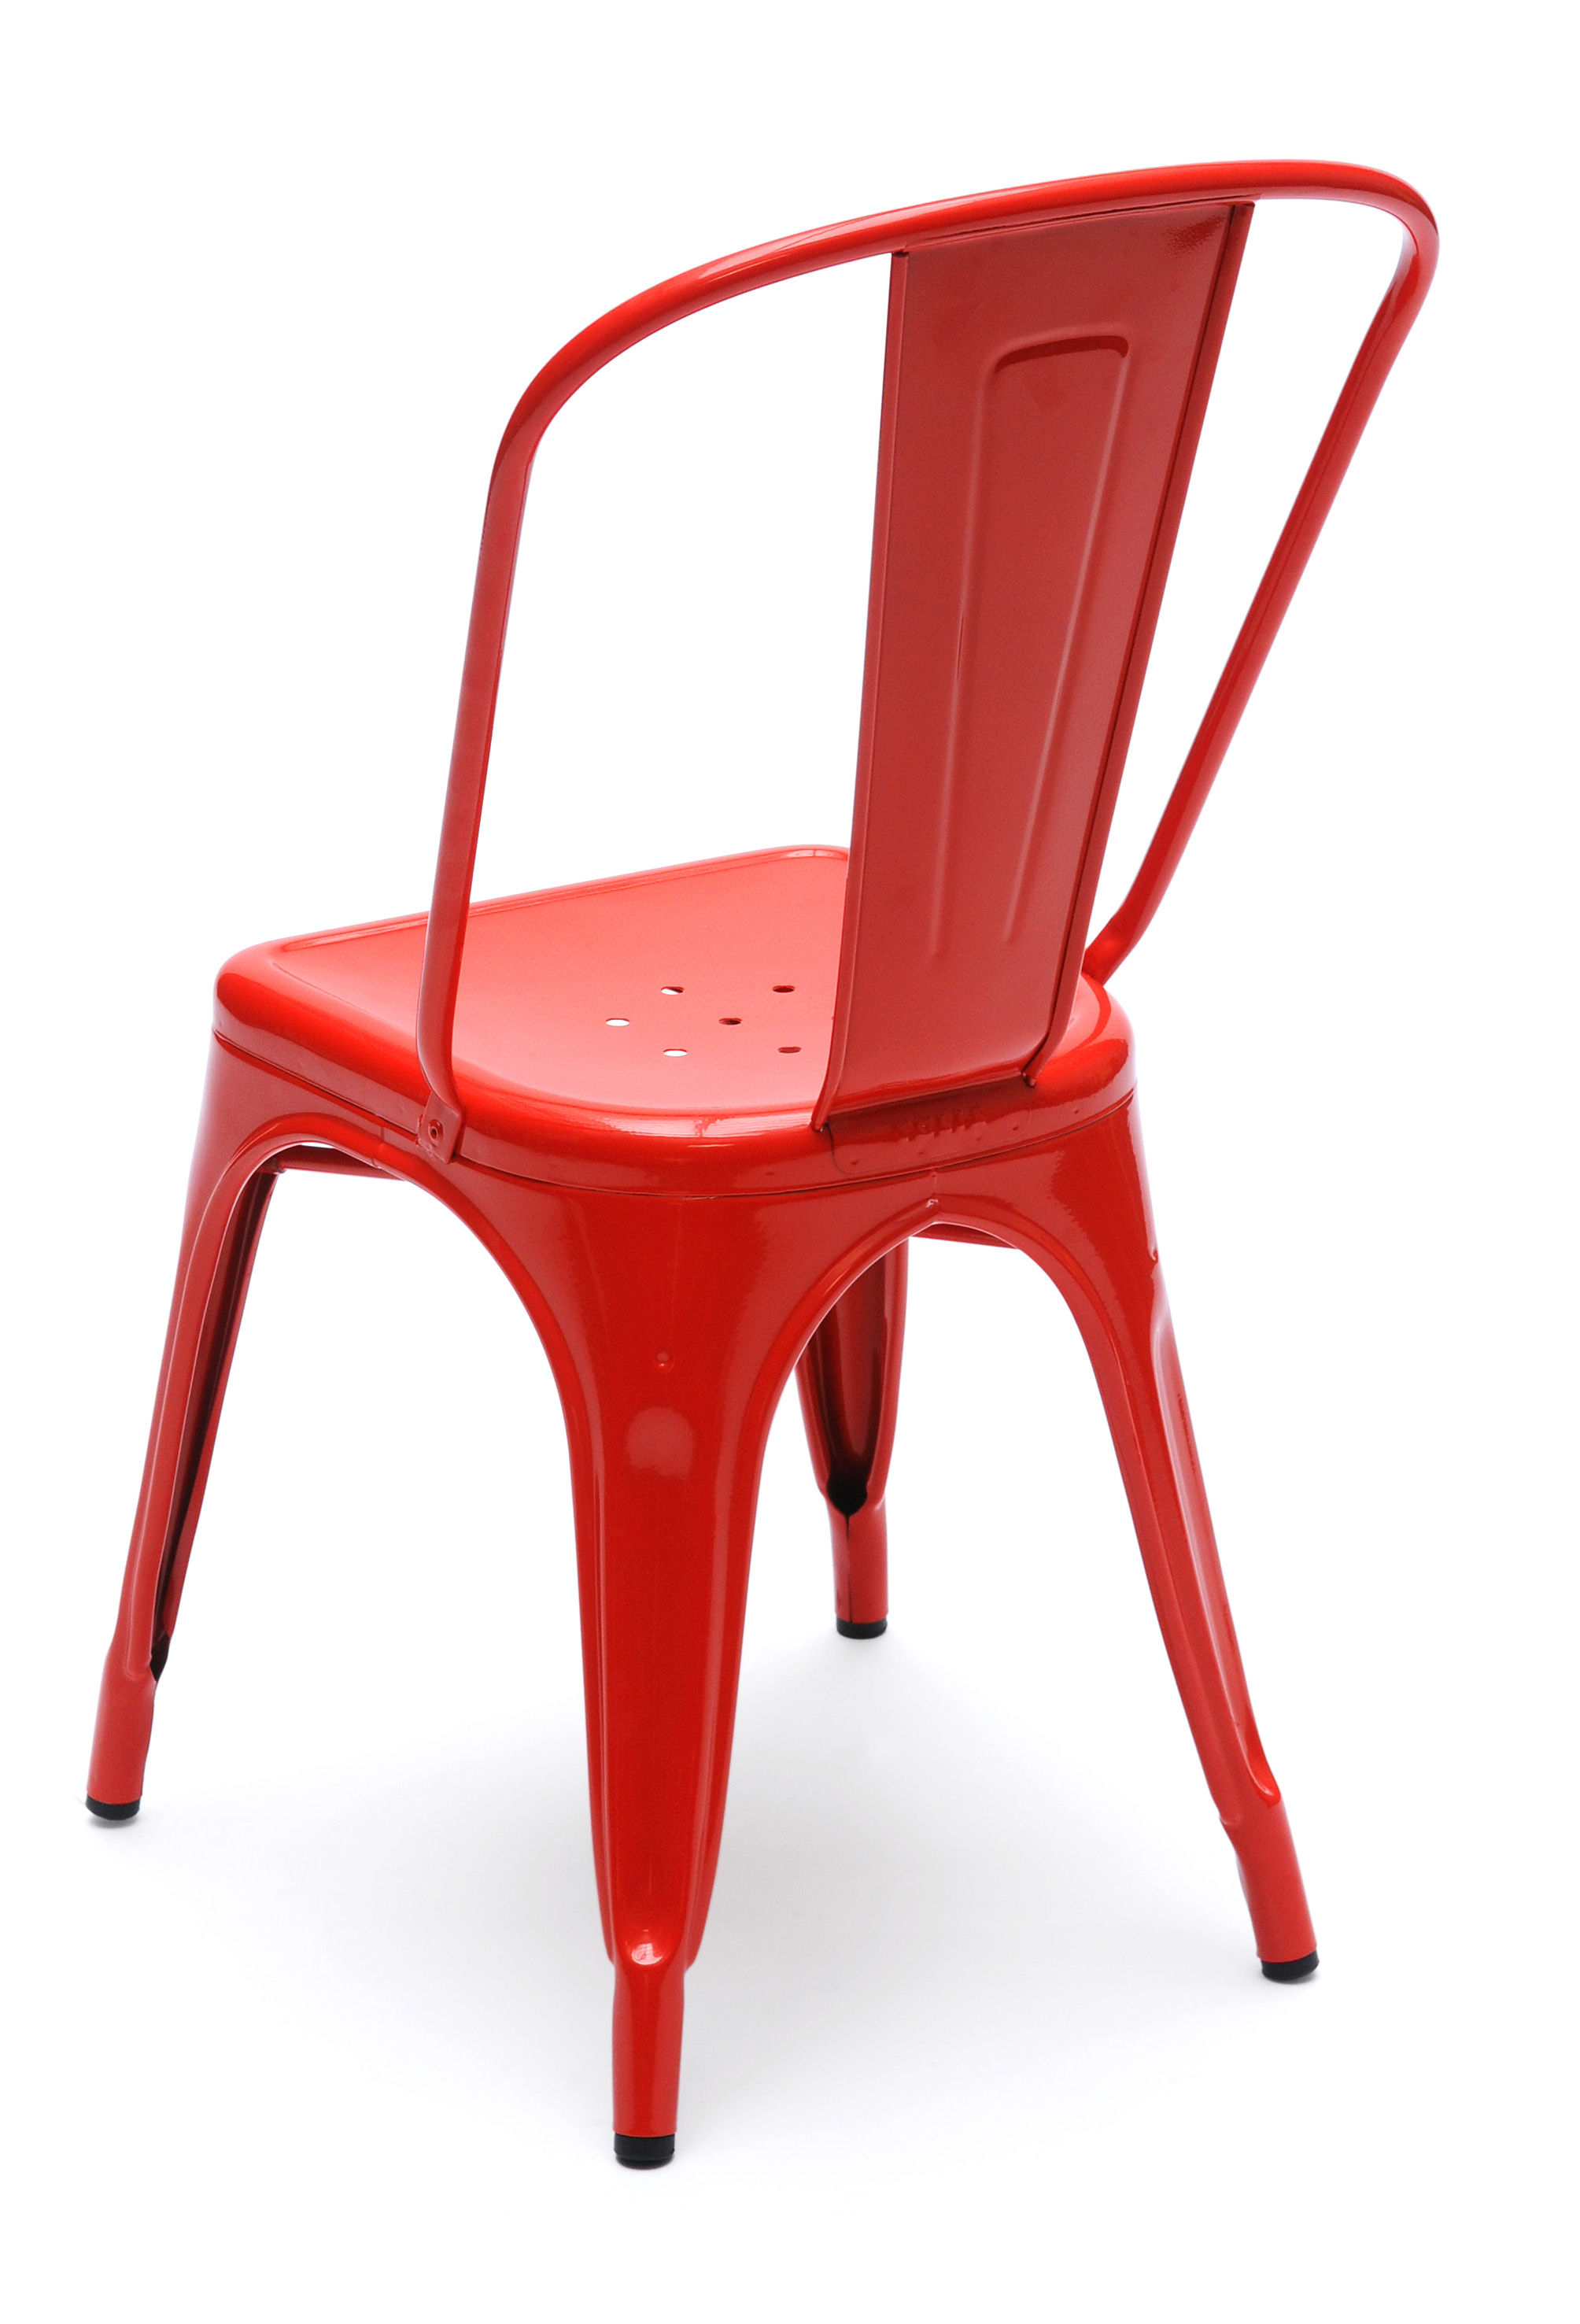 chaise a empilable acier int rieur acier brut brillant tolix. Black Bedroom Furniture Sets. Home Design Ideas